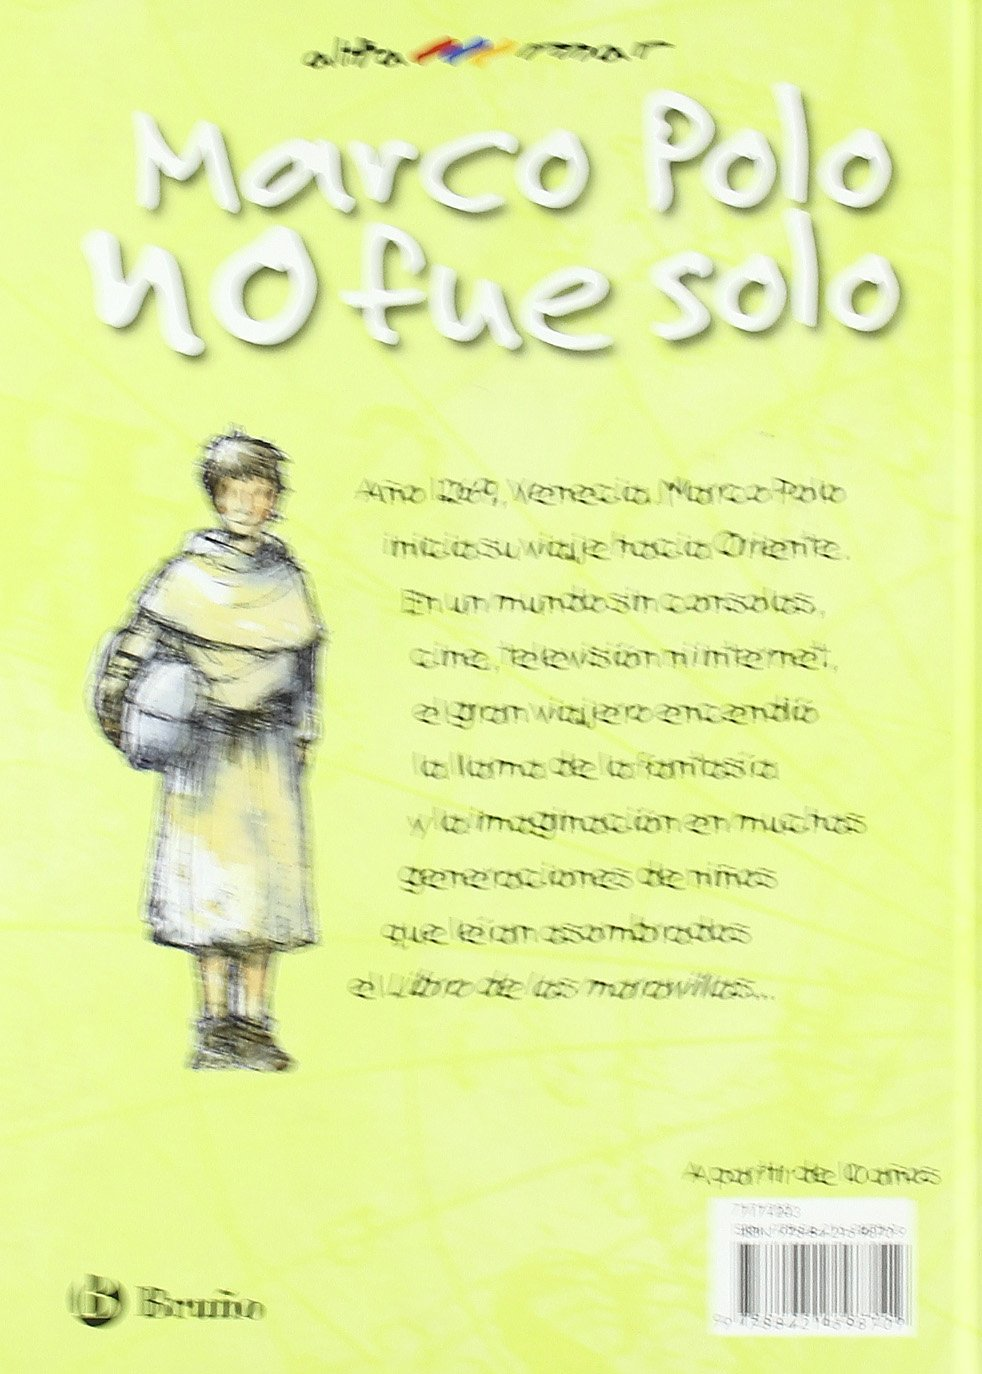 Marco Polo no fue solo Castellano - A Partir De 10 Años - Altamar ...